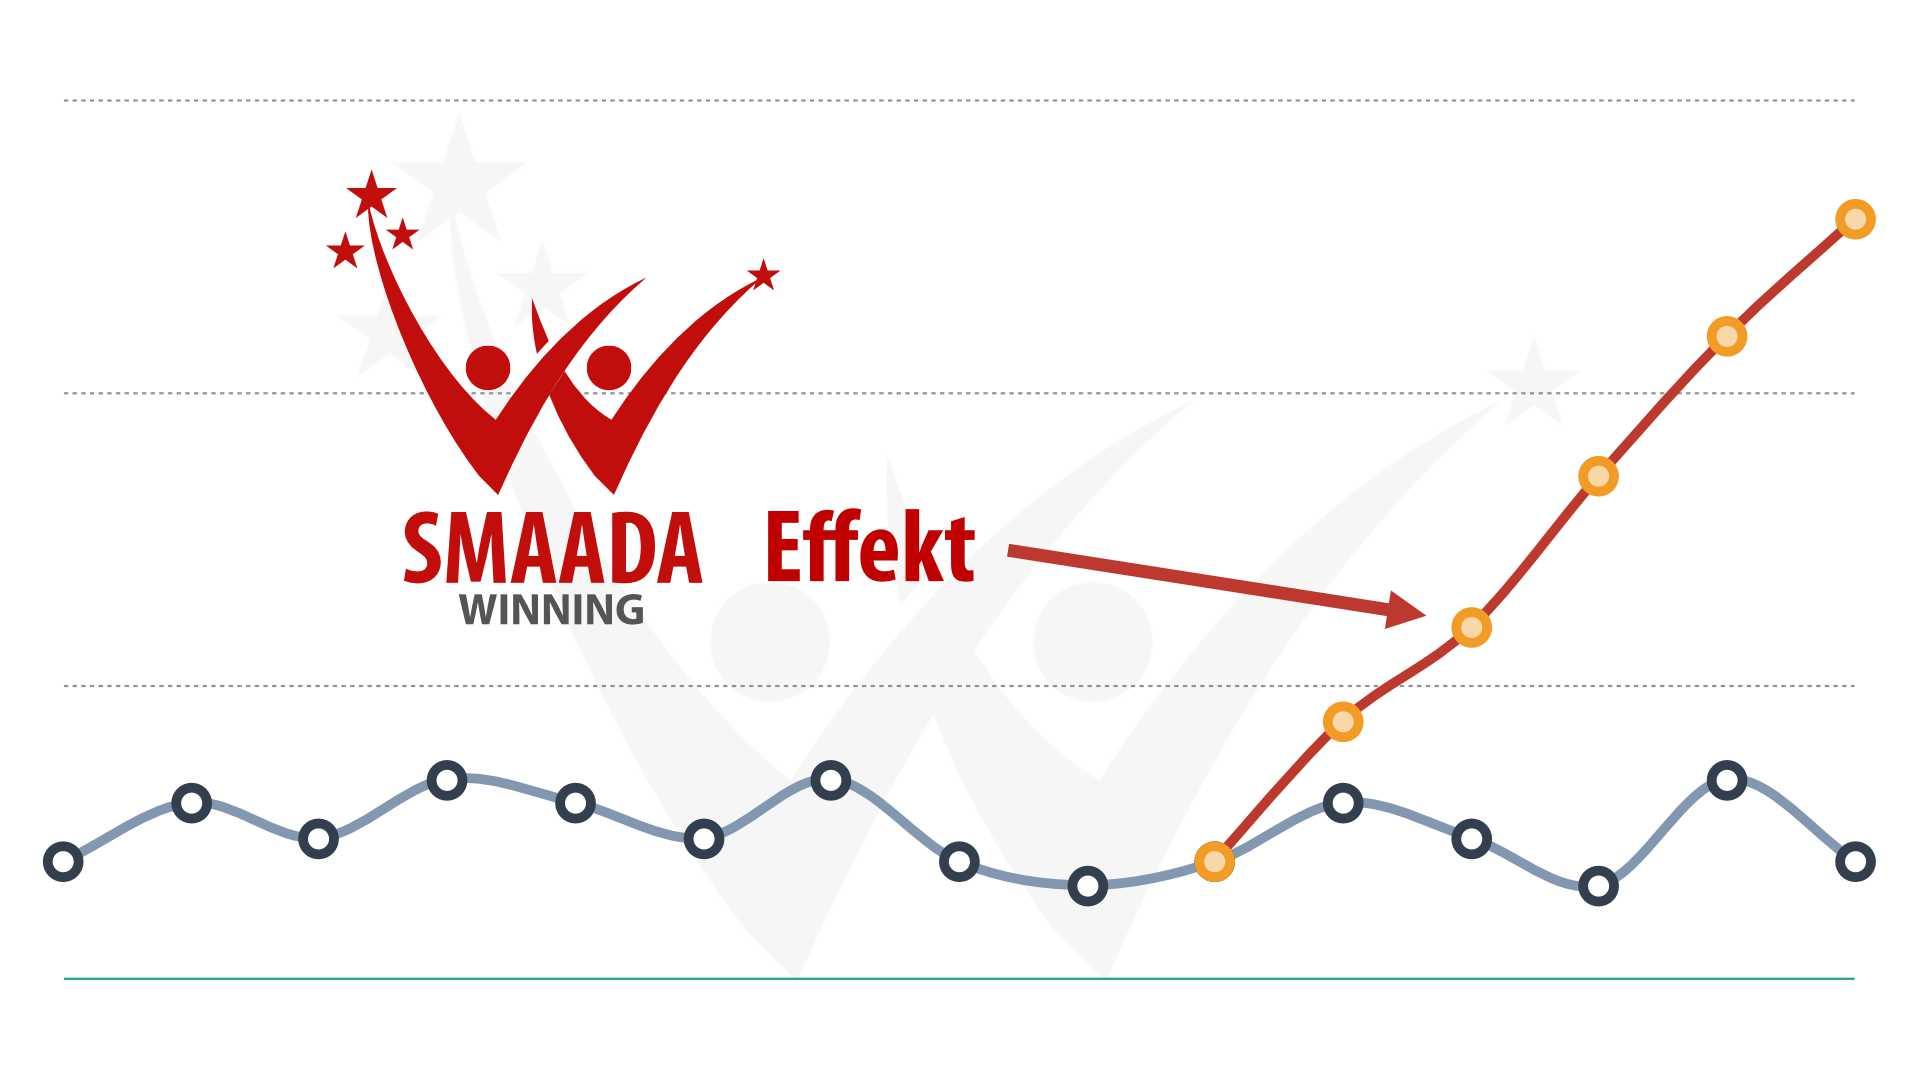 smaada winning effekt